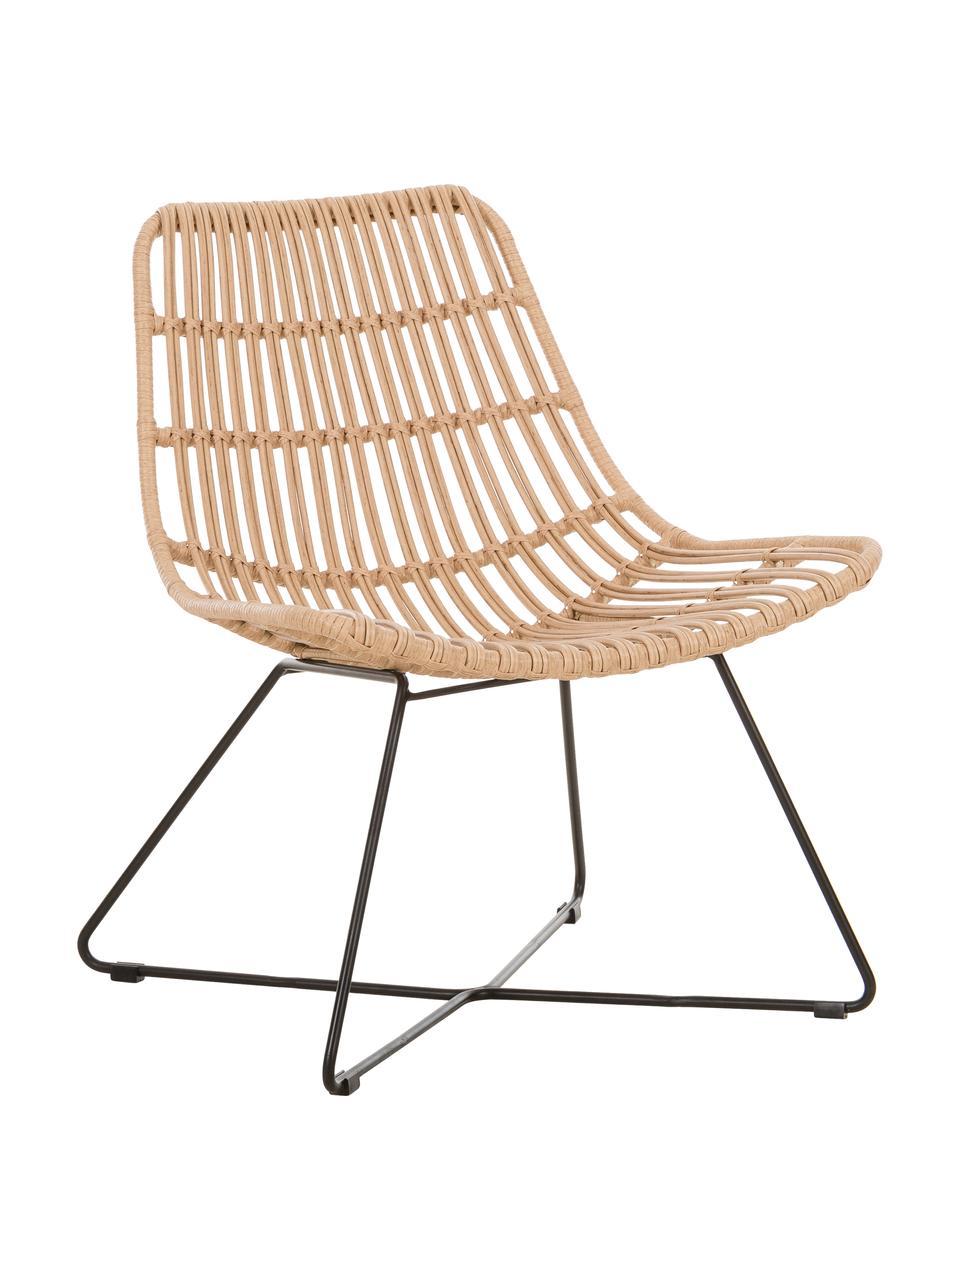 Fotel wypoczynkowy z wikliny Costa, Stelaż: metal malowany proszkowo, Jasny brązowy, S 64 x G 64 cm